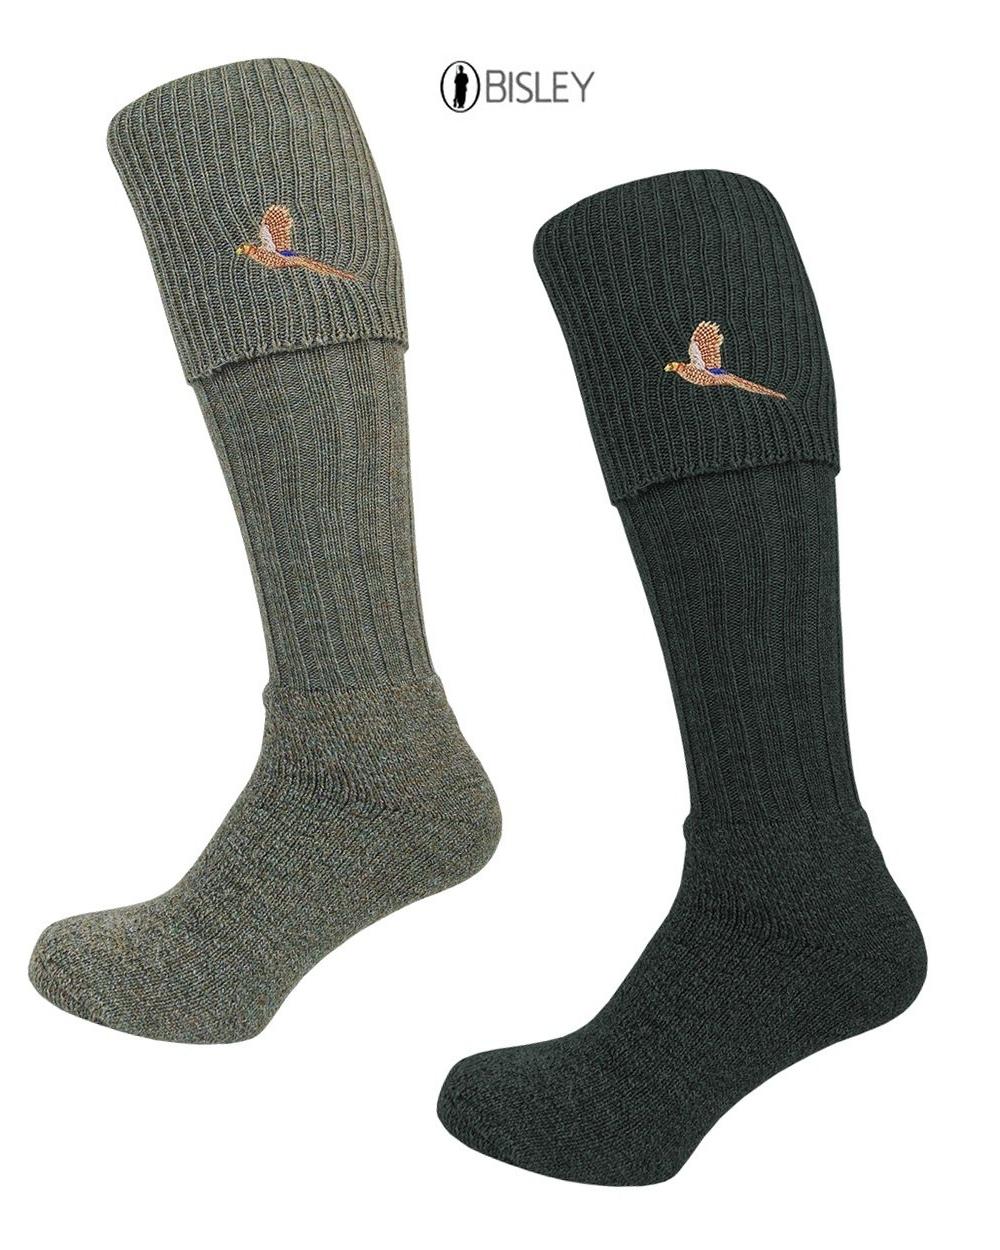 Bisley Pheasant Breek Socks in Tweed Traditional Shooting and Hunting Socks